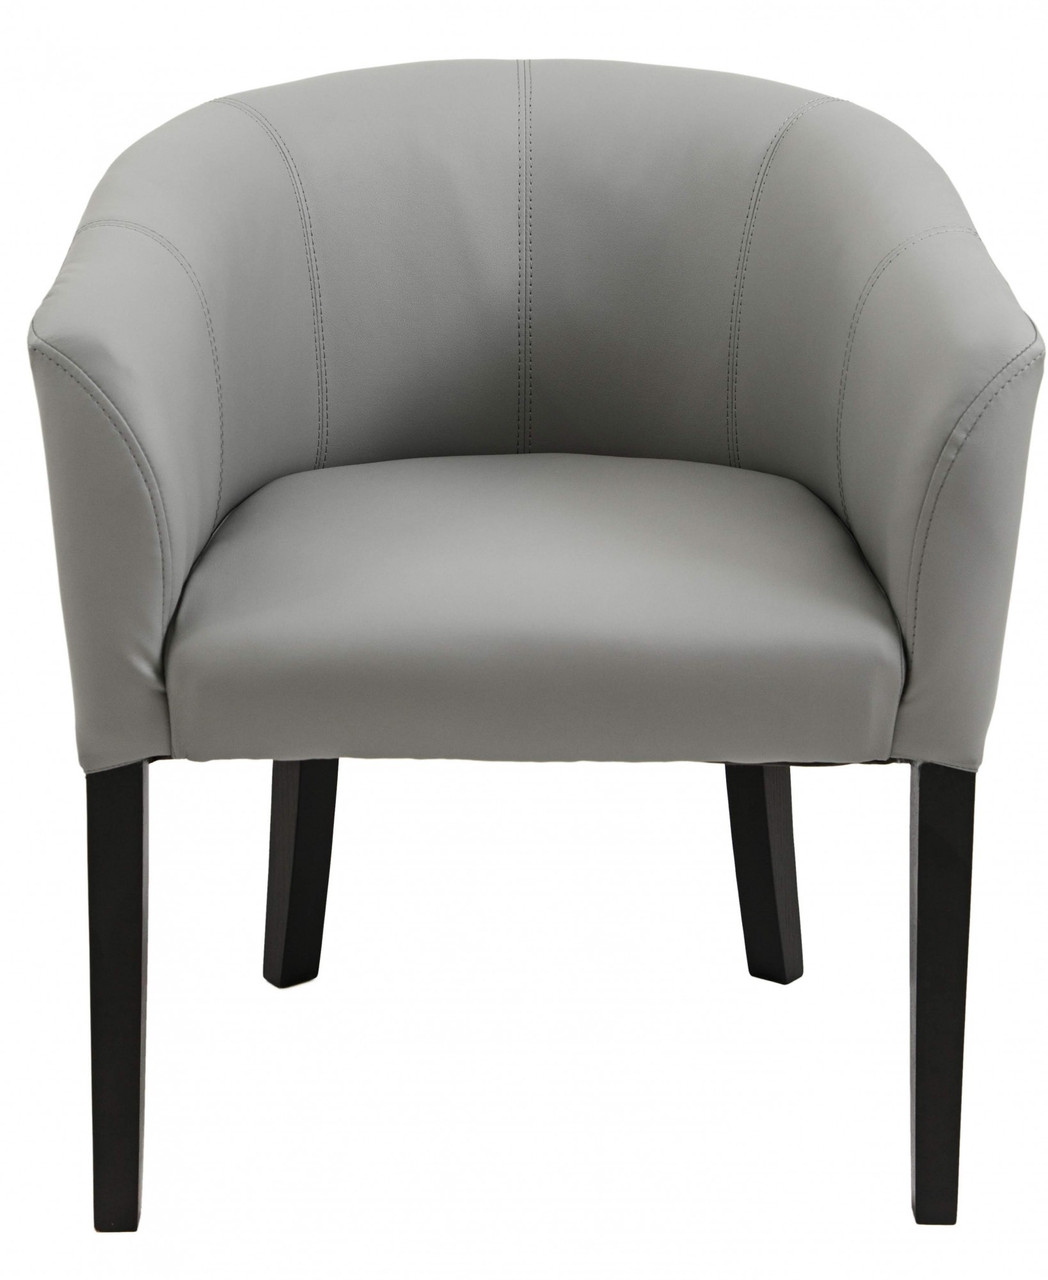 Кресло Richman Версаль 65 x 65 x 75H Флай 2232 Серое